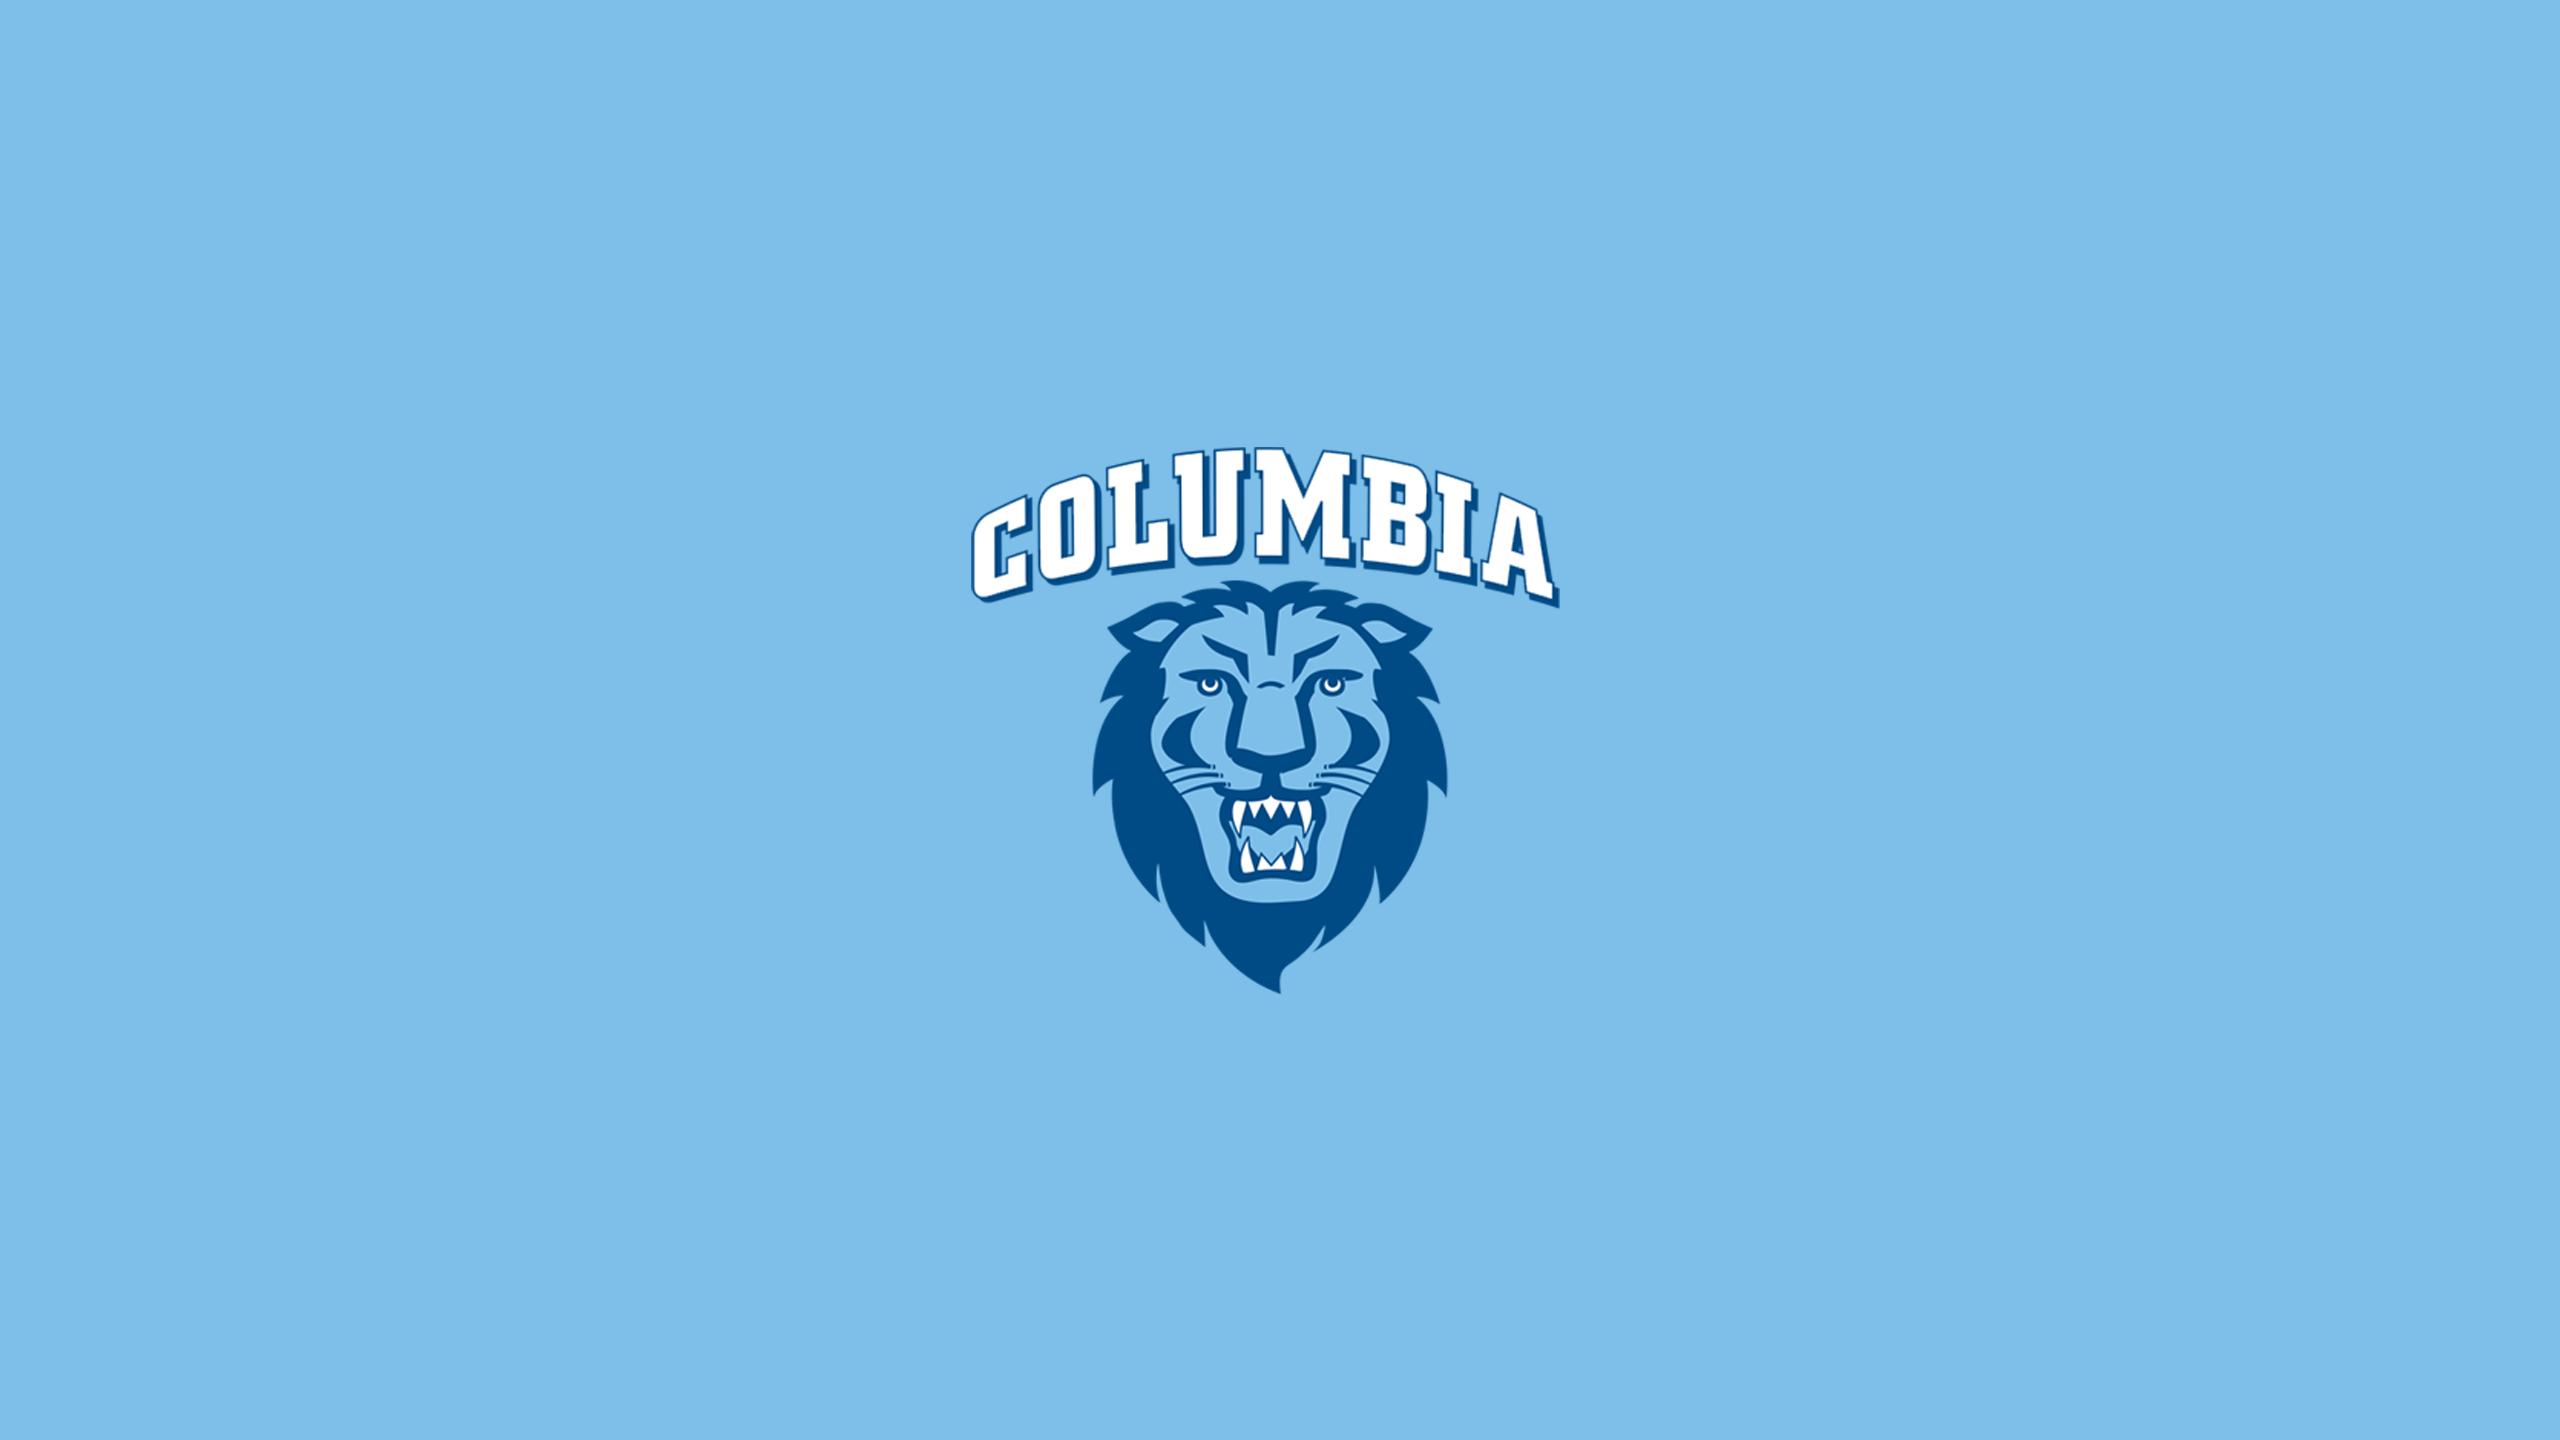 Columbia University Lions